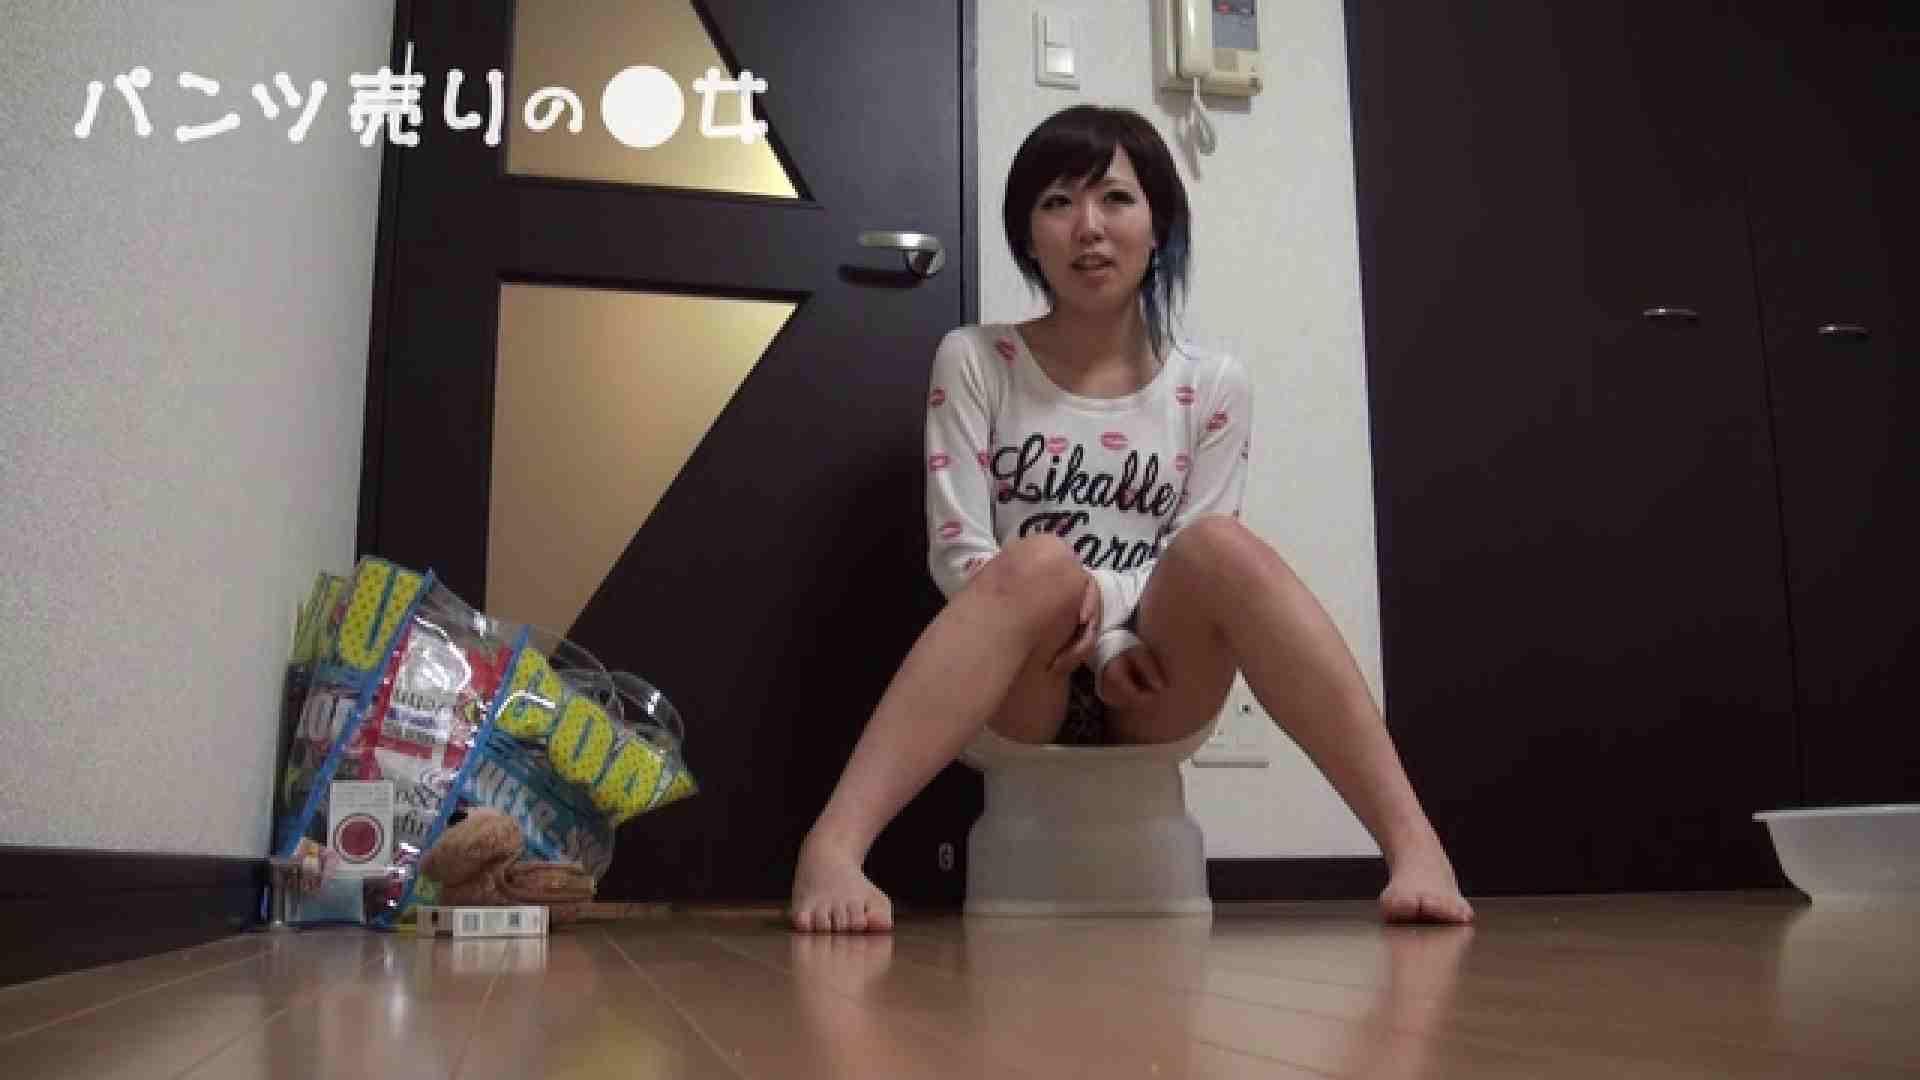 新説 パンツ売りの女の子nana パンツ   0  103連発 39